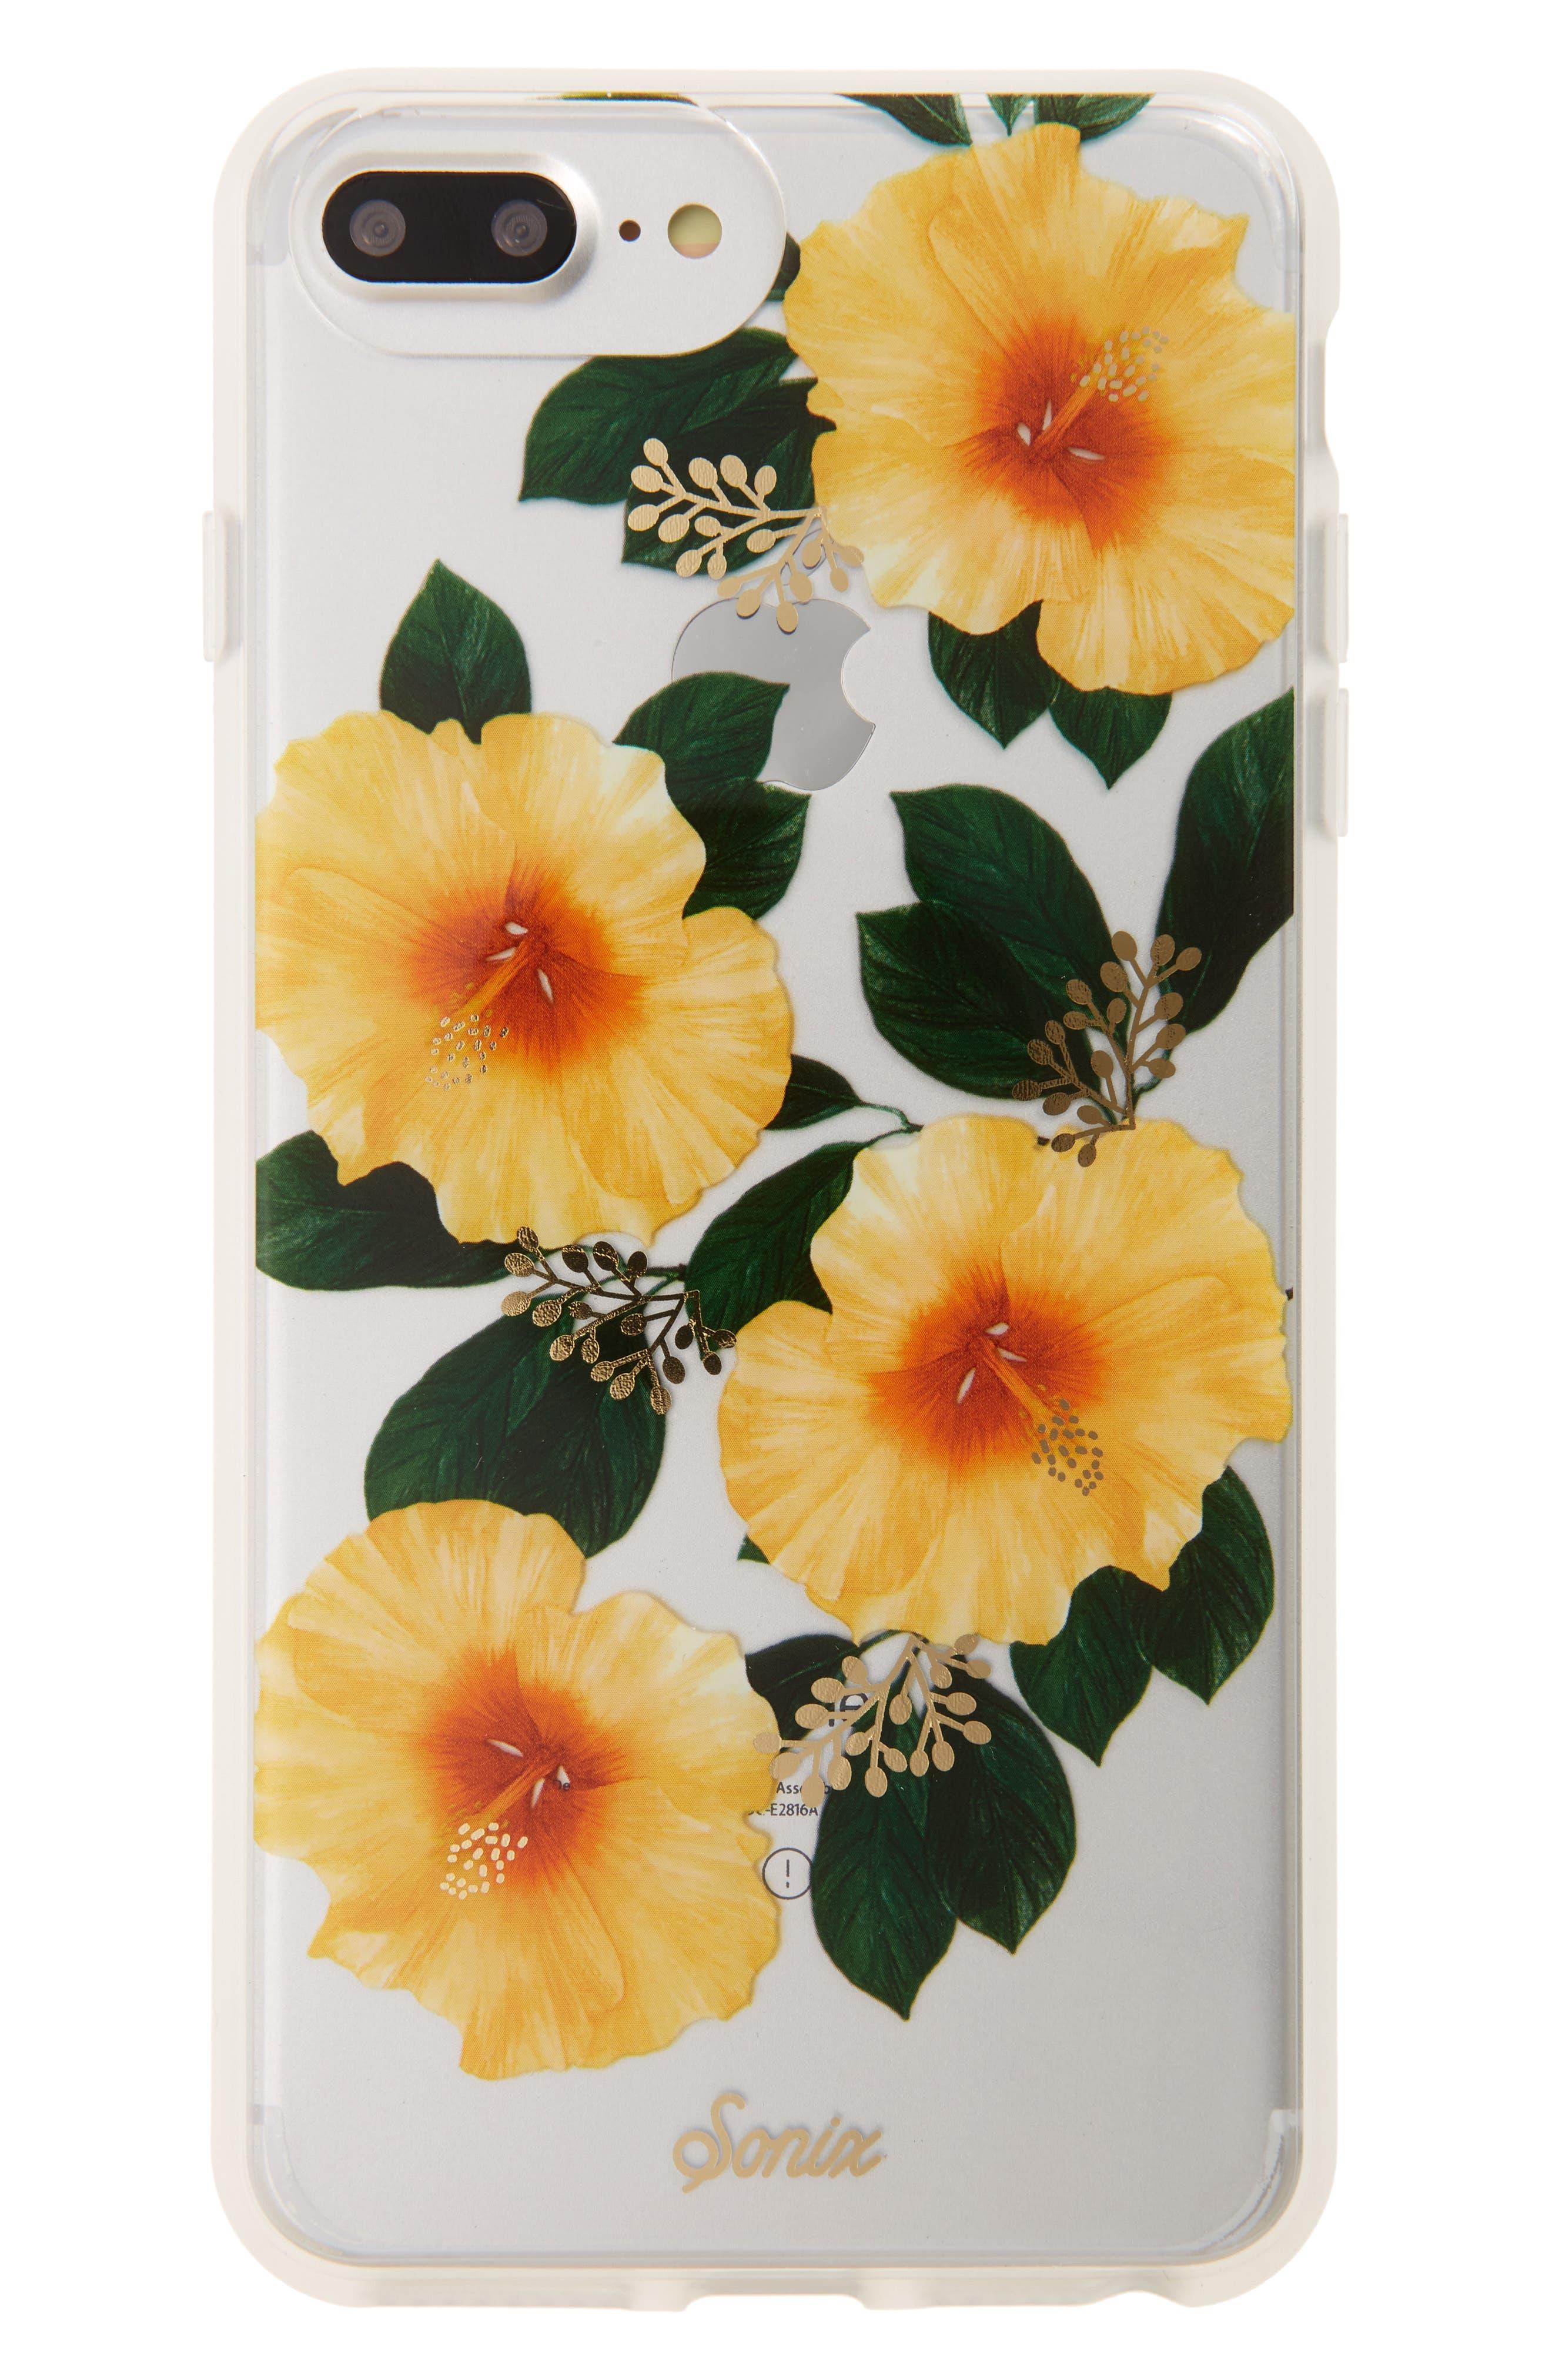 Sonix Hibiscus iPhone 6/7 & 6/7 Plus Case